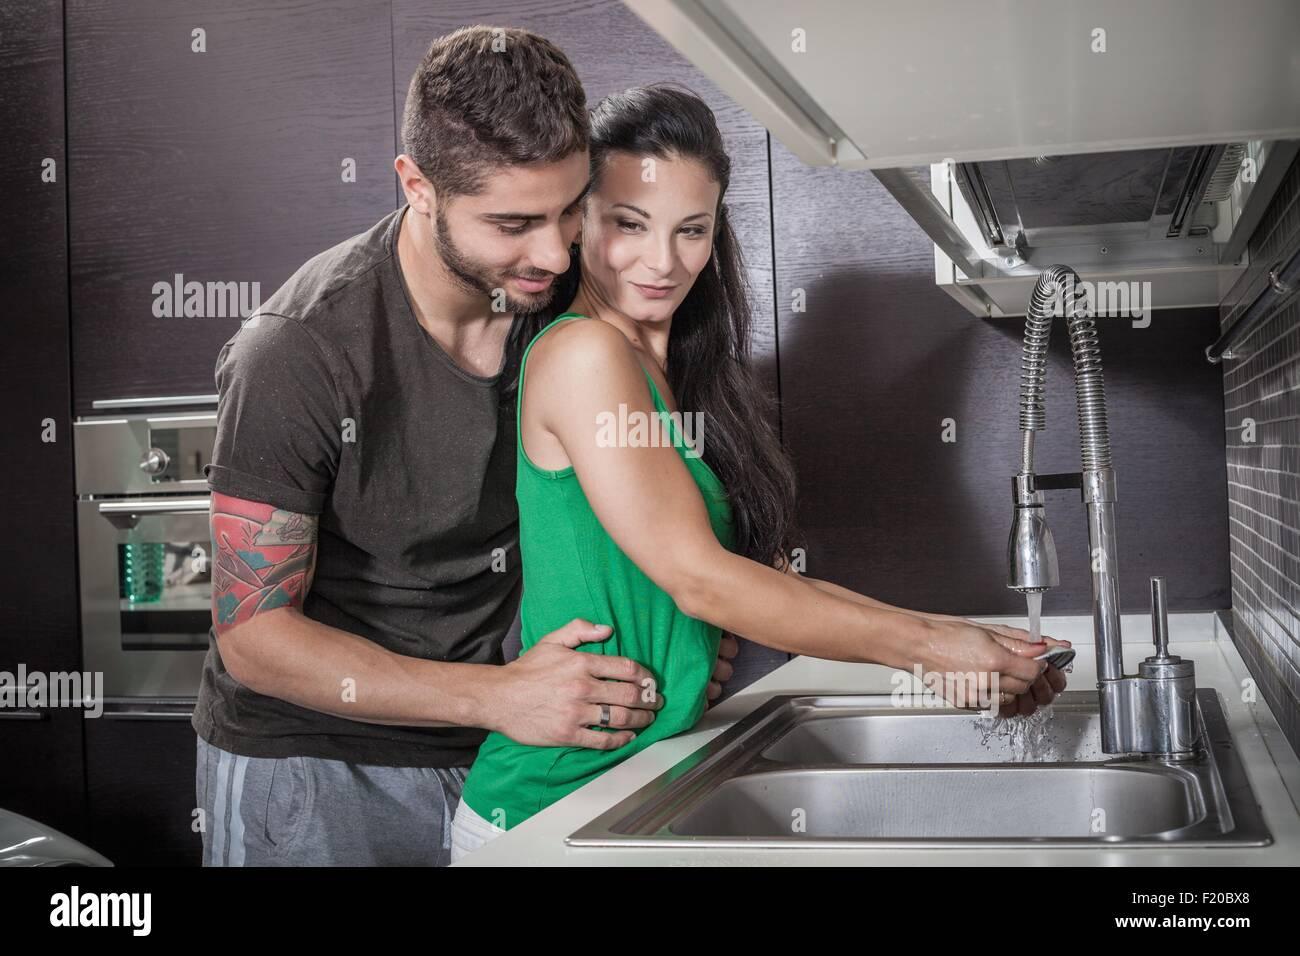 Young woman washing up tout en étant adopté par copain Photo Stock